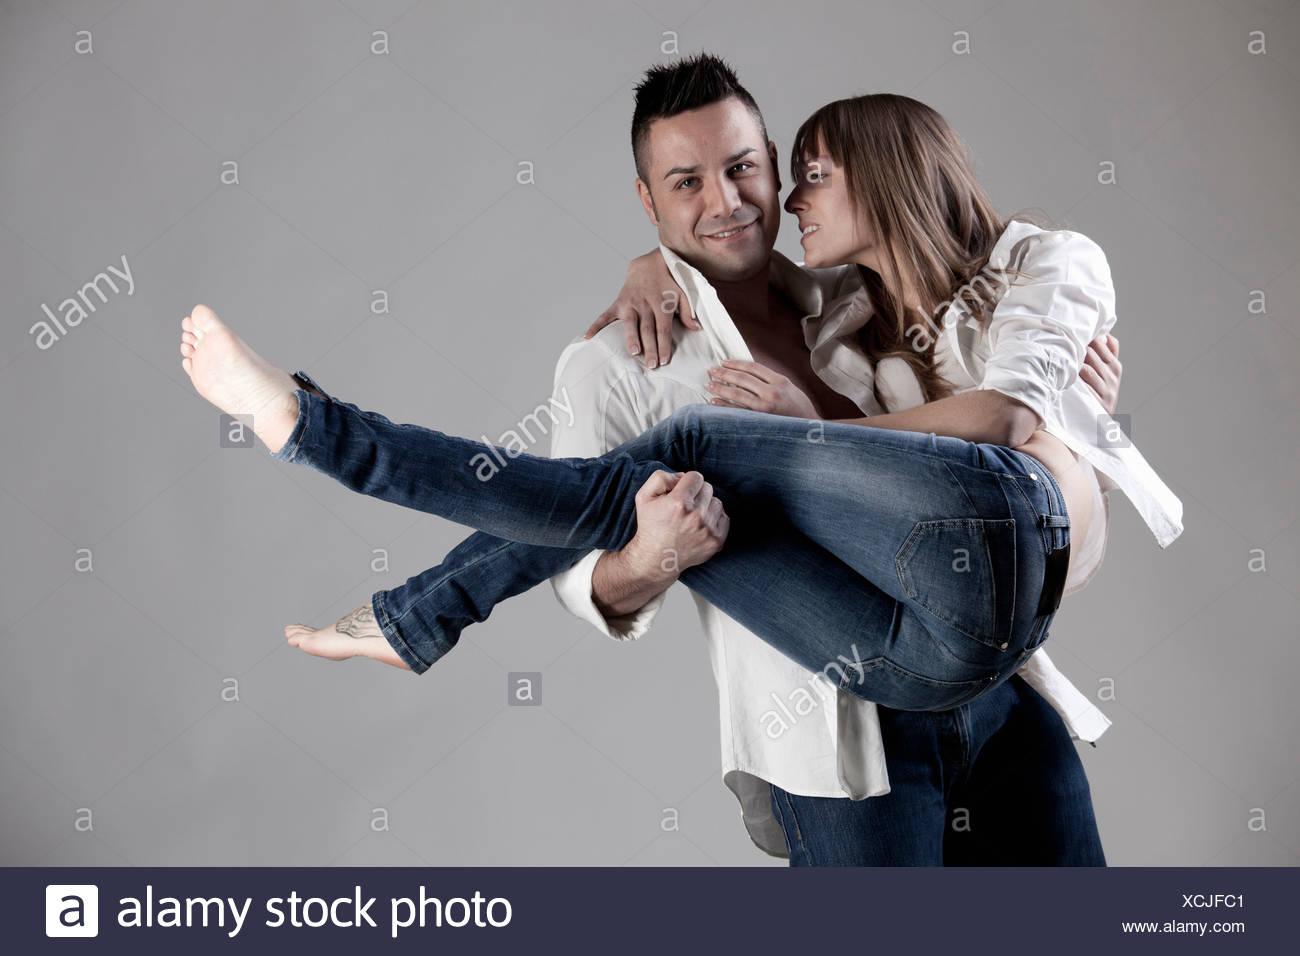 Hombre sonriente llevando novia Imagen De Stock